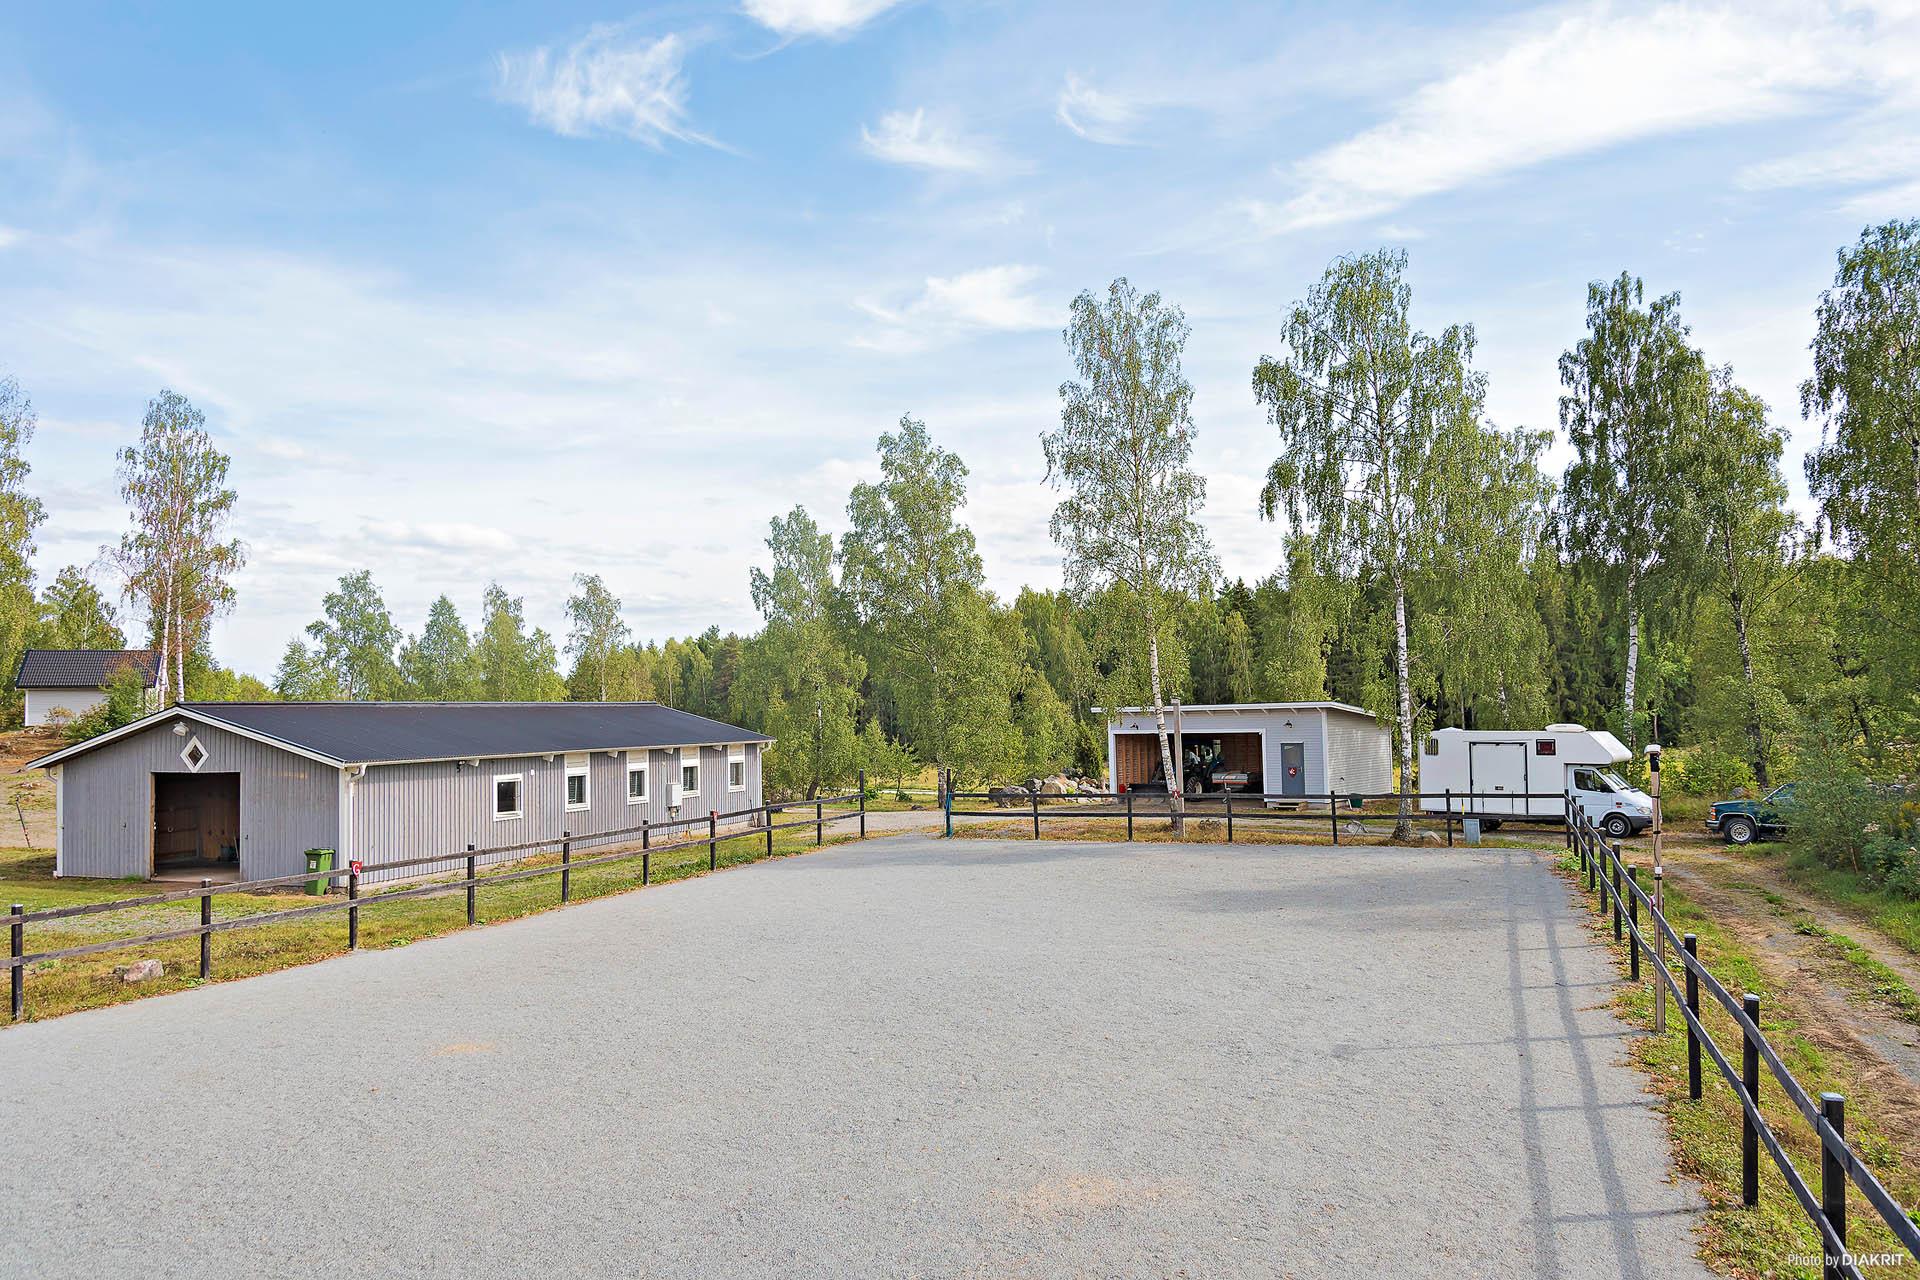 Stall, traktorgarage, hagar, utestall/vindskydd, paddock och hagar.